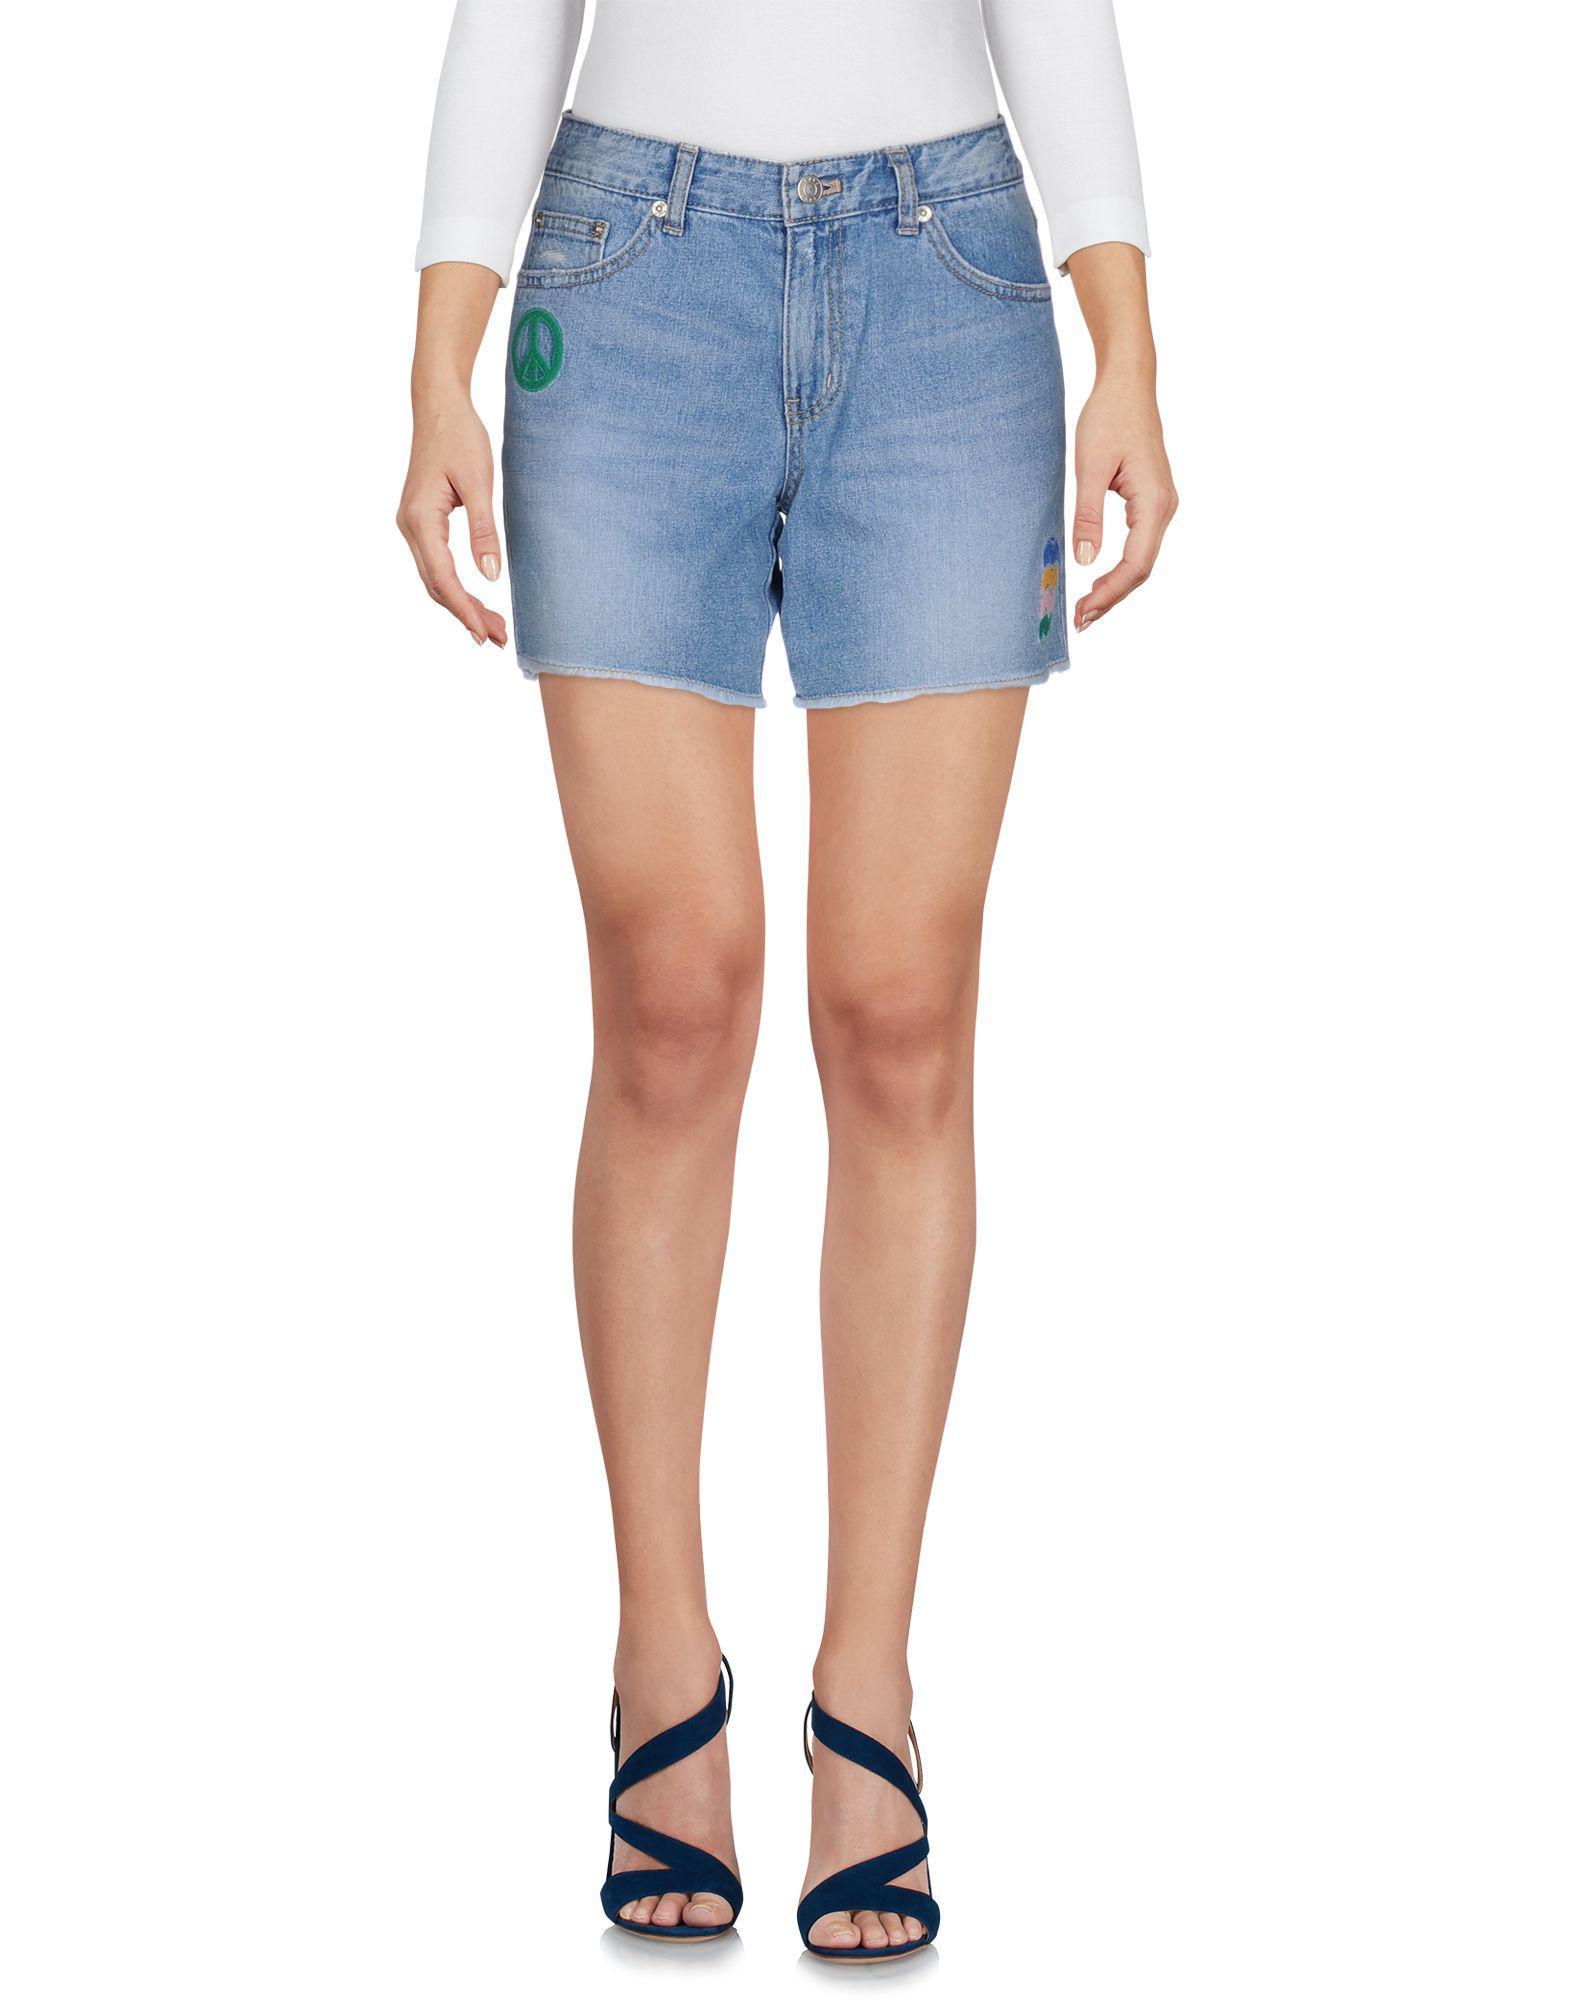 DENIM - Denim shorts Sjyp LXBpc